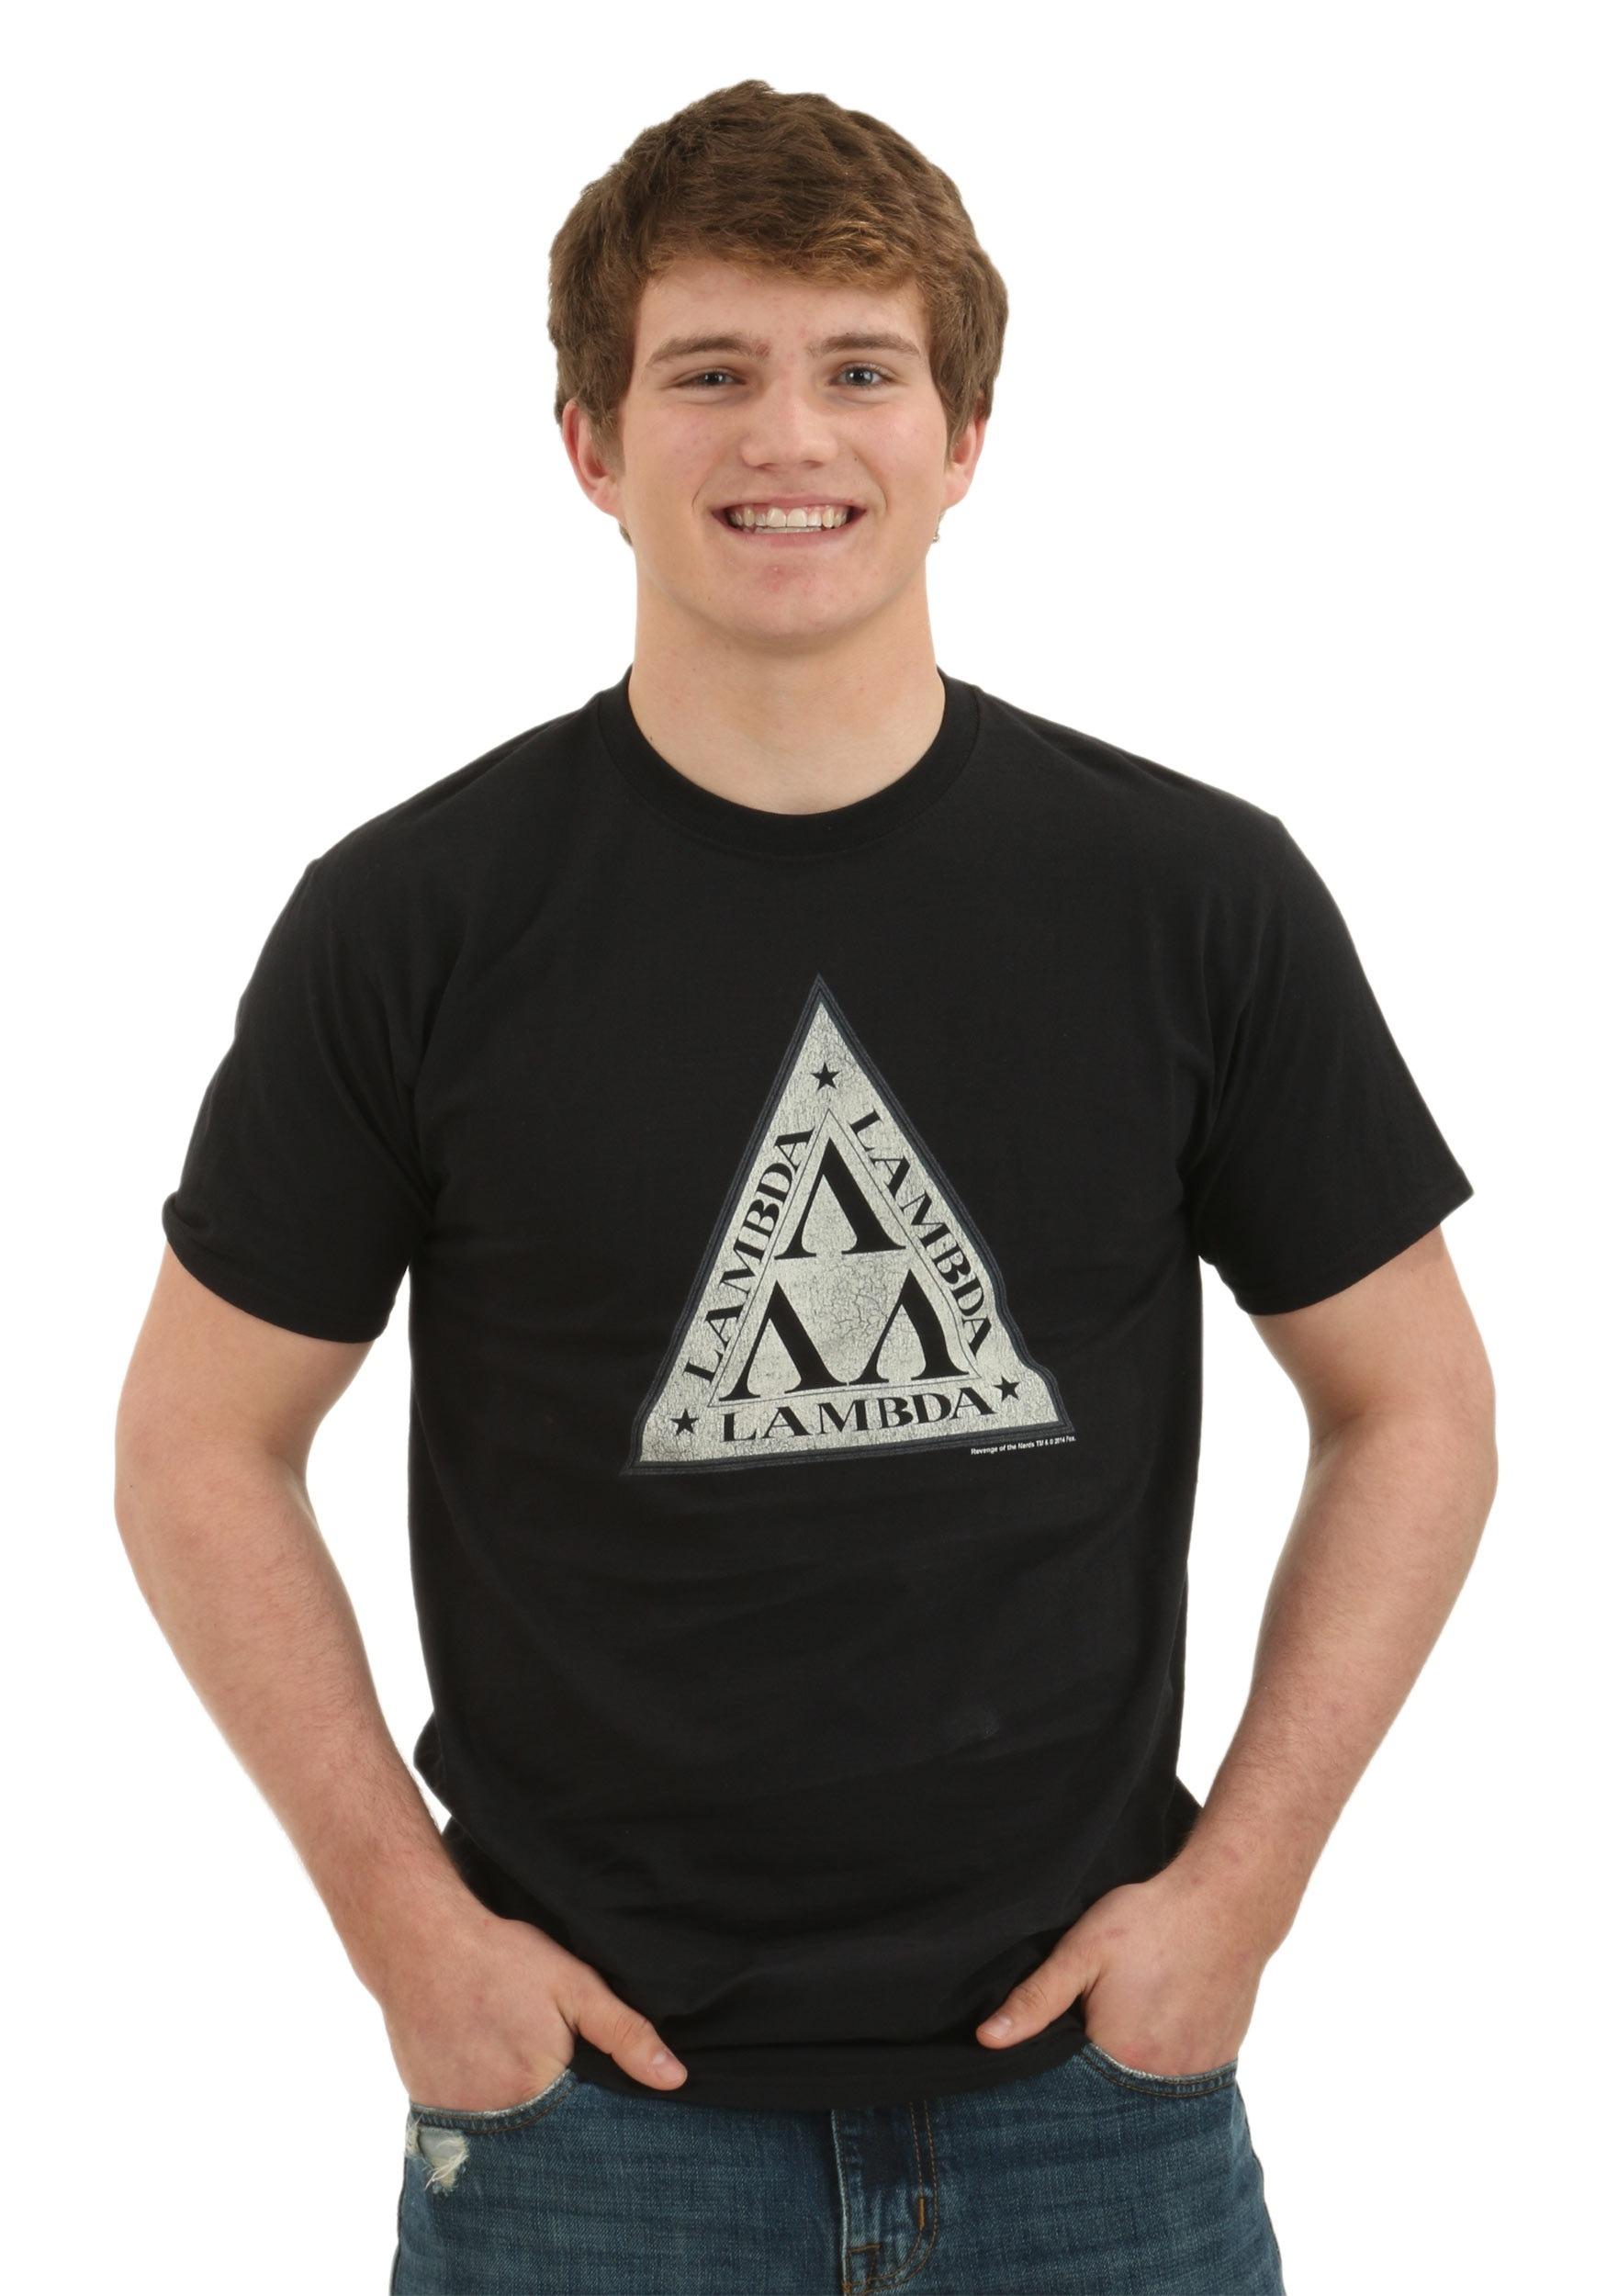 fe32c002bee3 revenge-of-the-nerds-lambda-logo-t-shirt.jpg